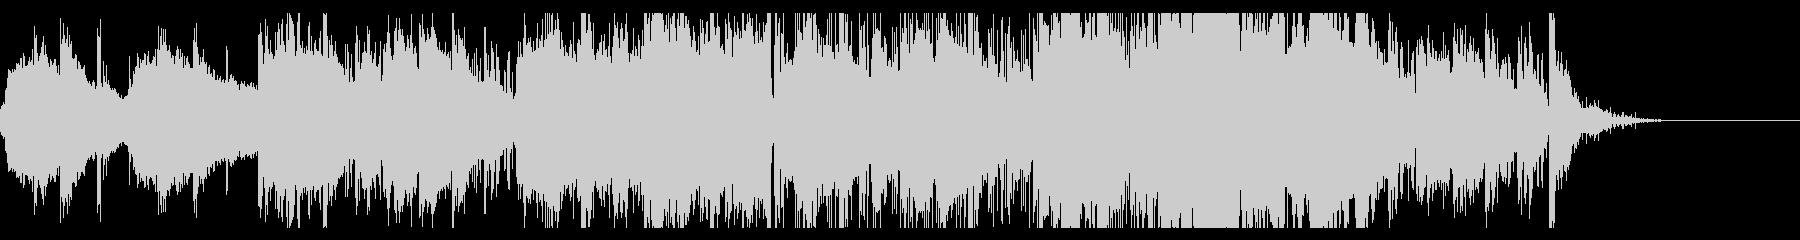 不気味なアンビエントIDMの未再生の波形